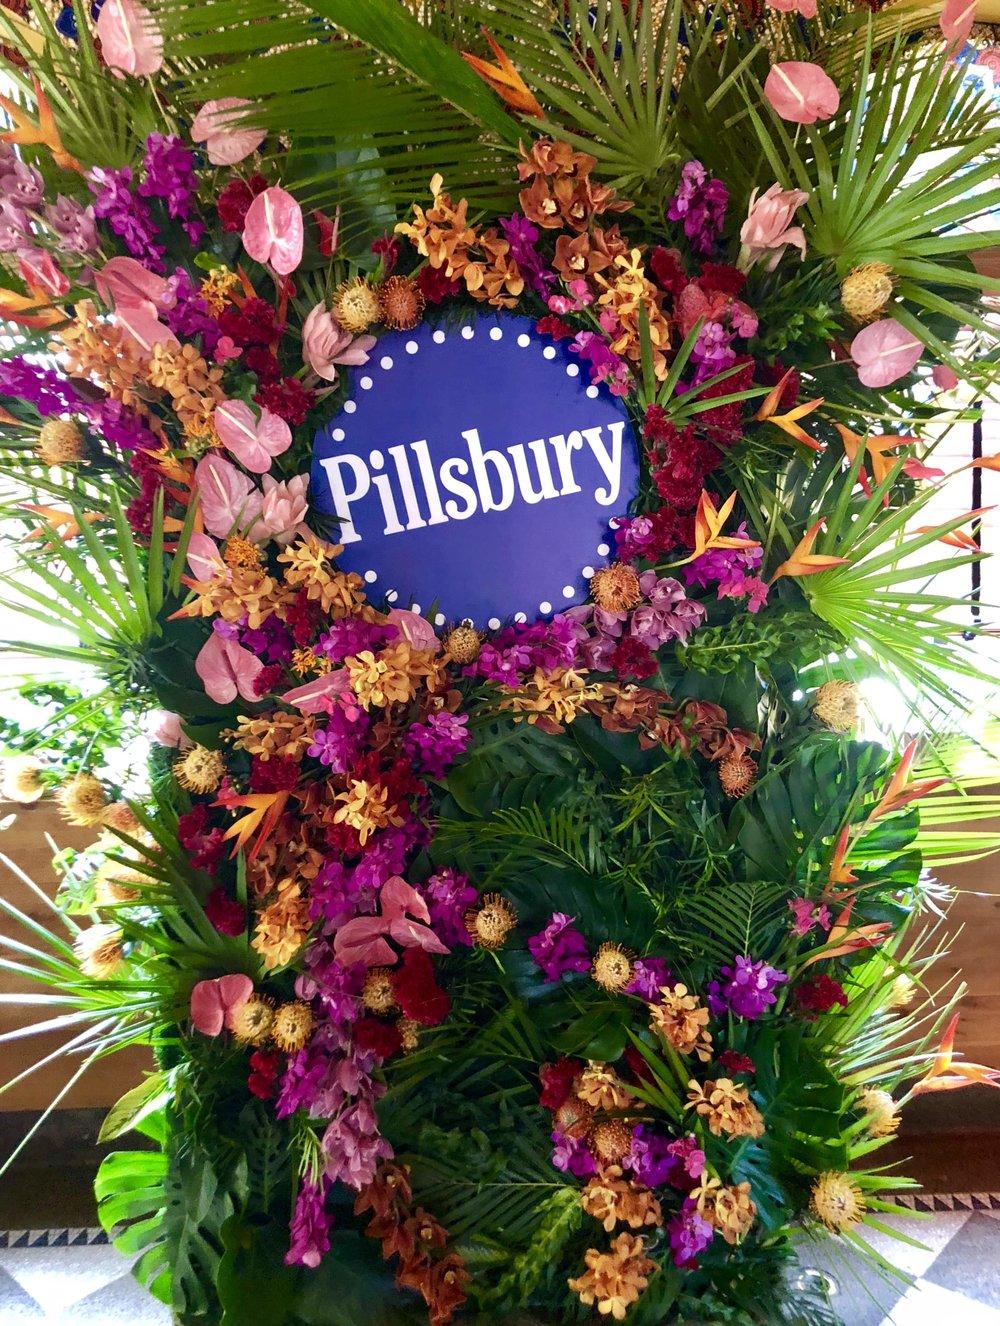 Pillsbury Sweet Hawaiian Roll Wall- B Floral